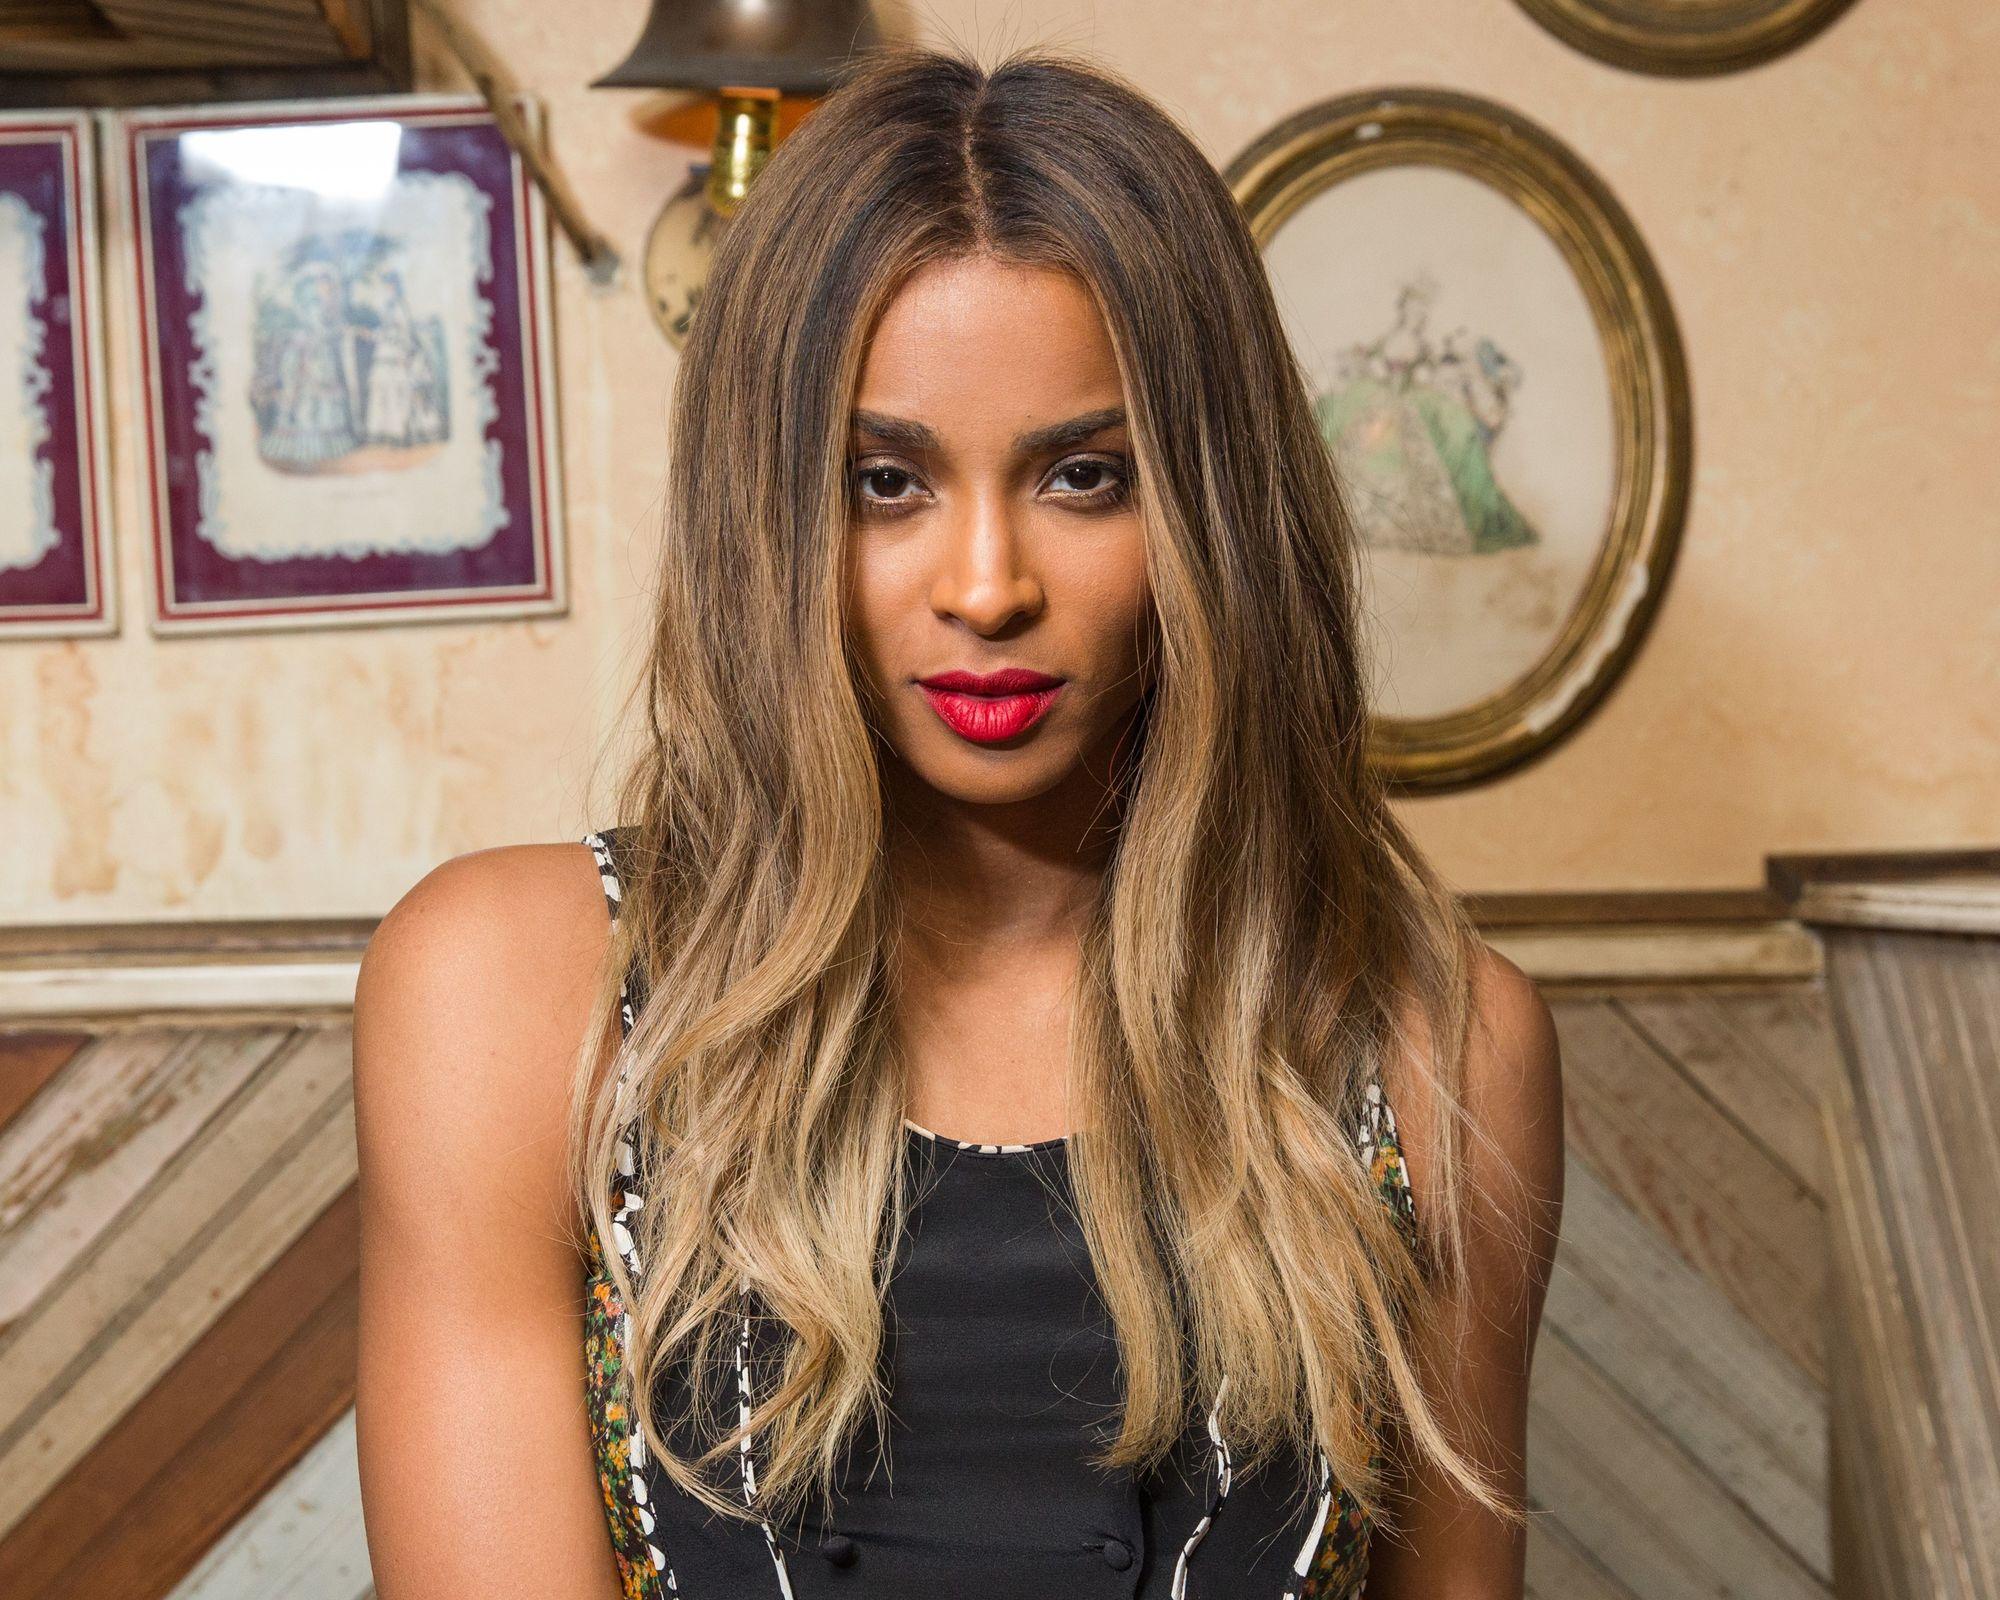 Ciara avec des cheveux bruns ondulés dans les coulisses d'un spectacle de coachs.